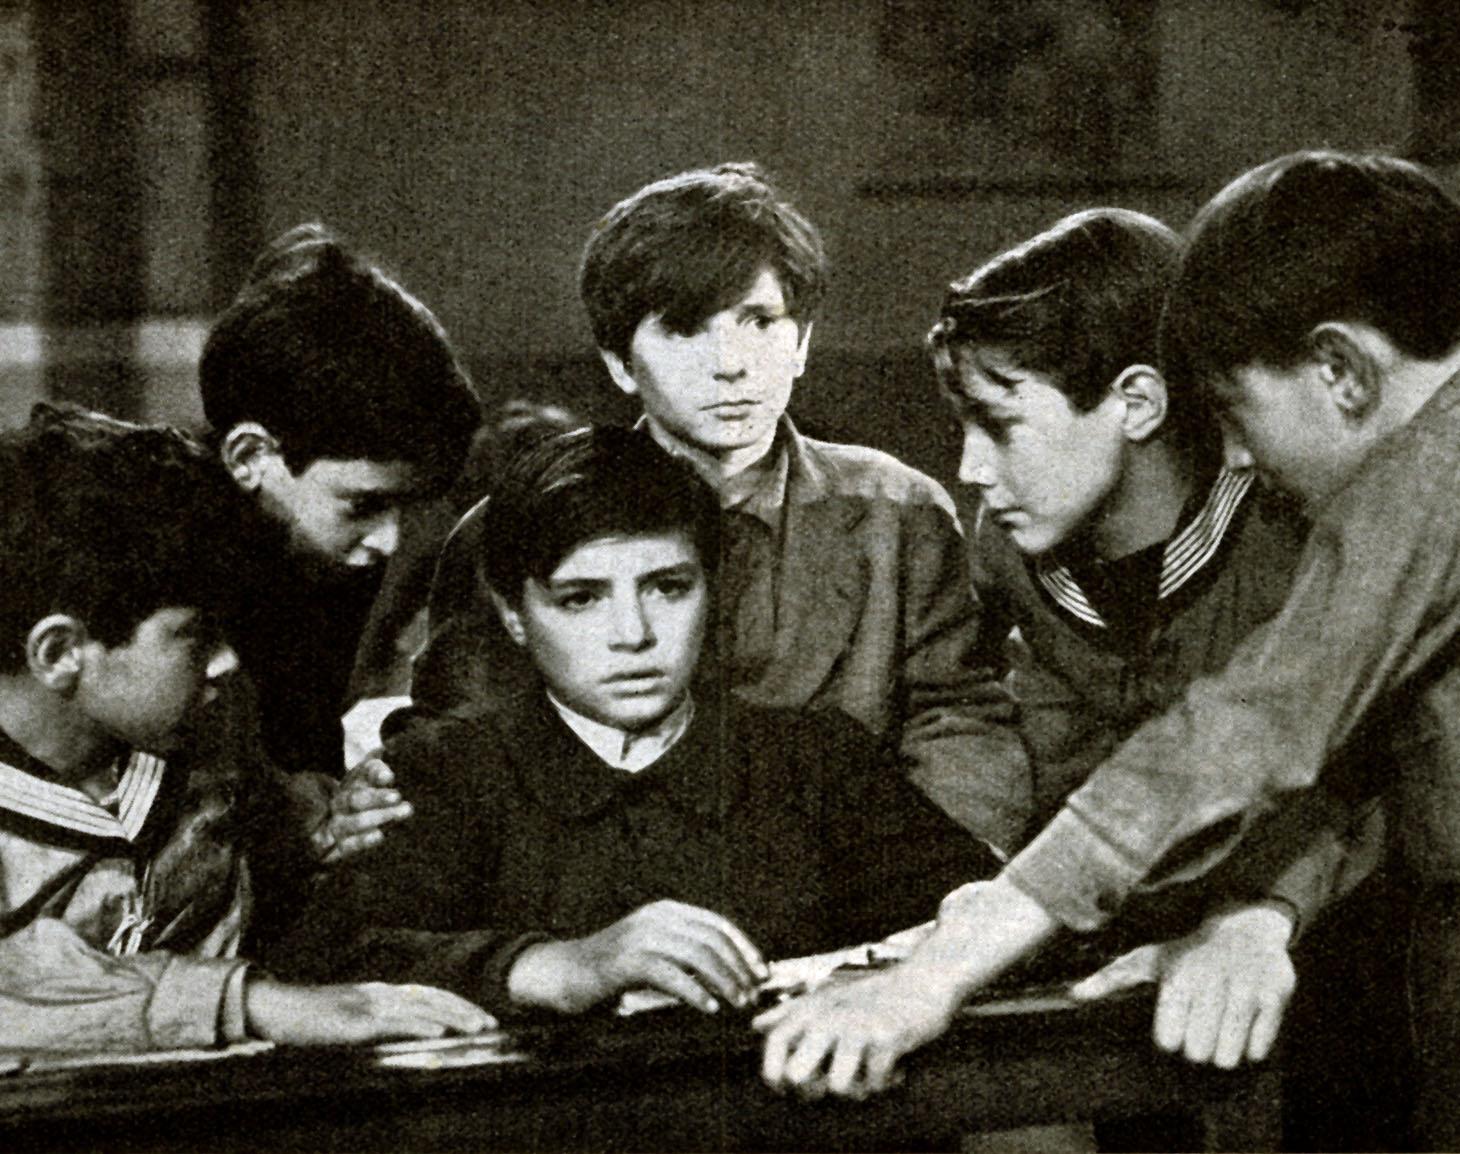 Cuore film 1948  Wikipedia